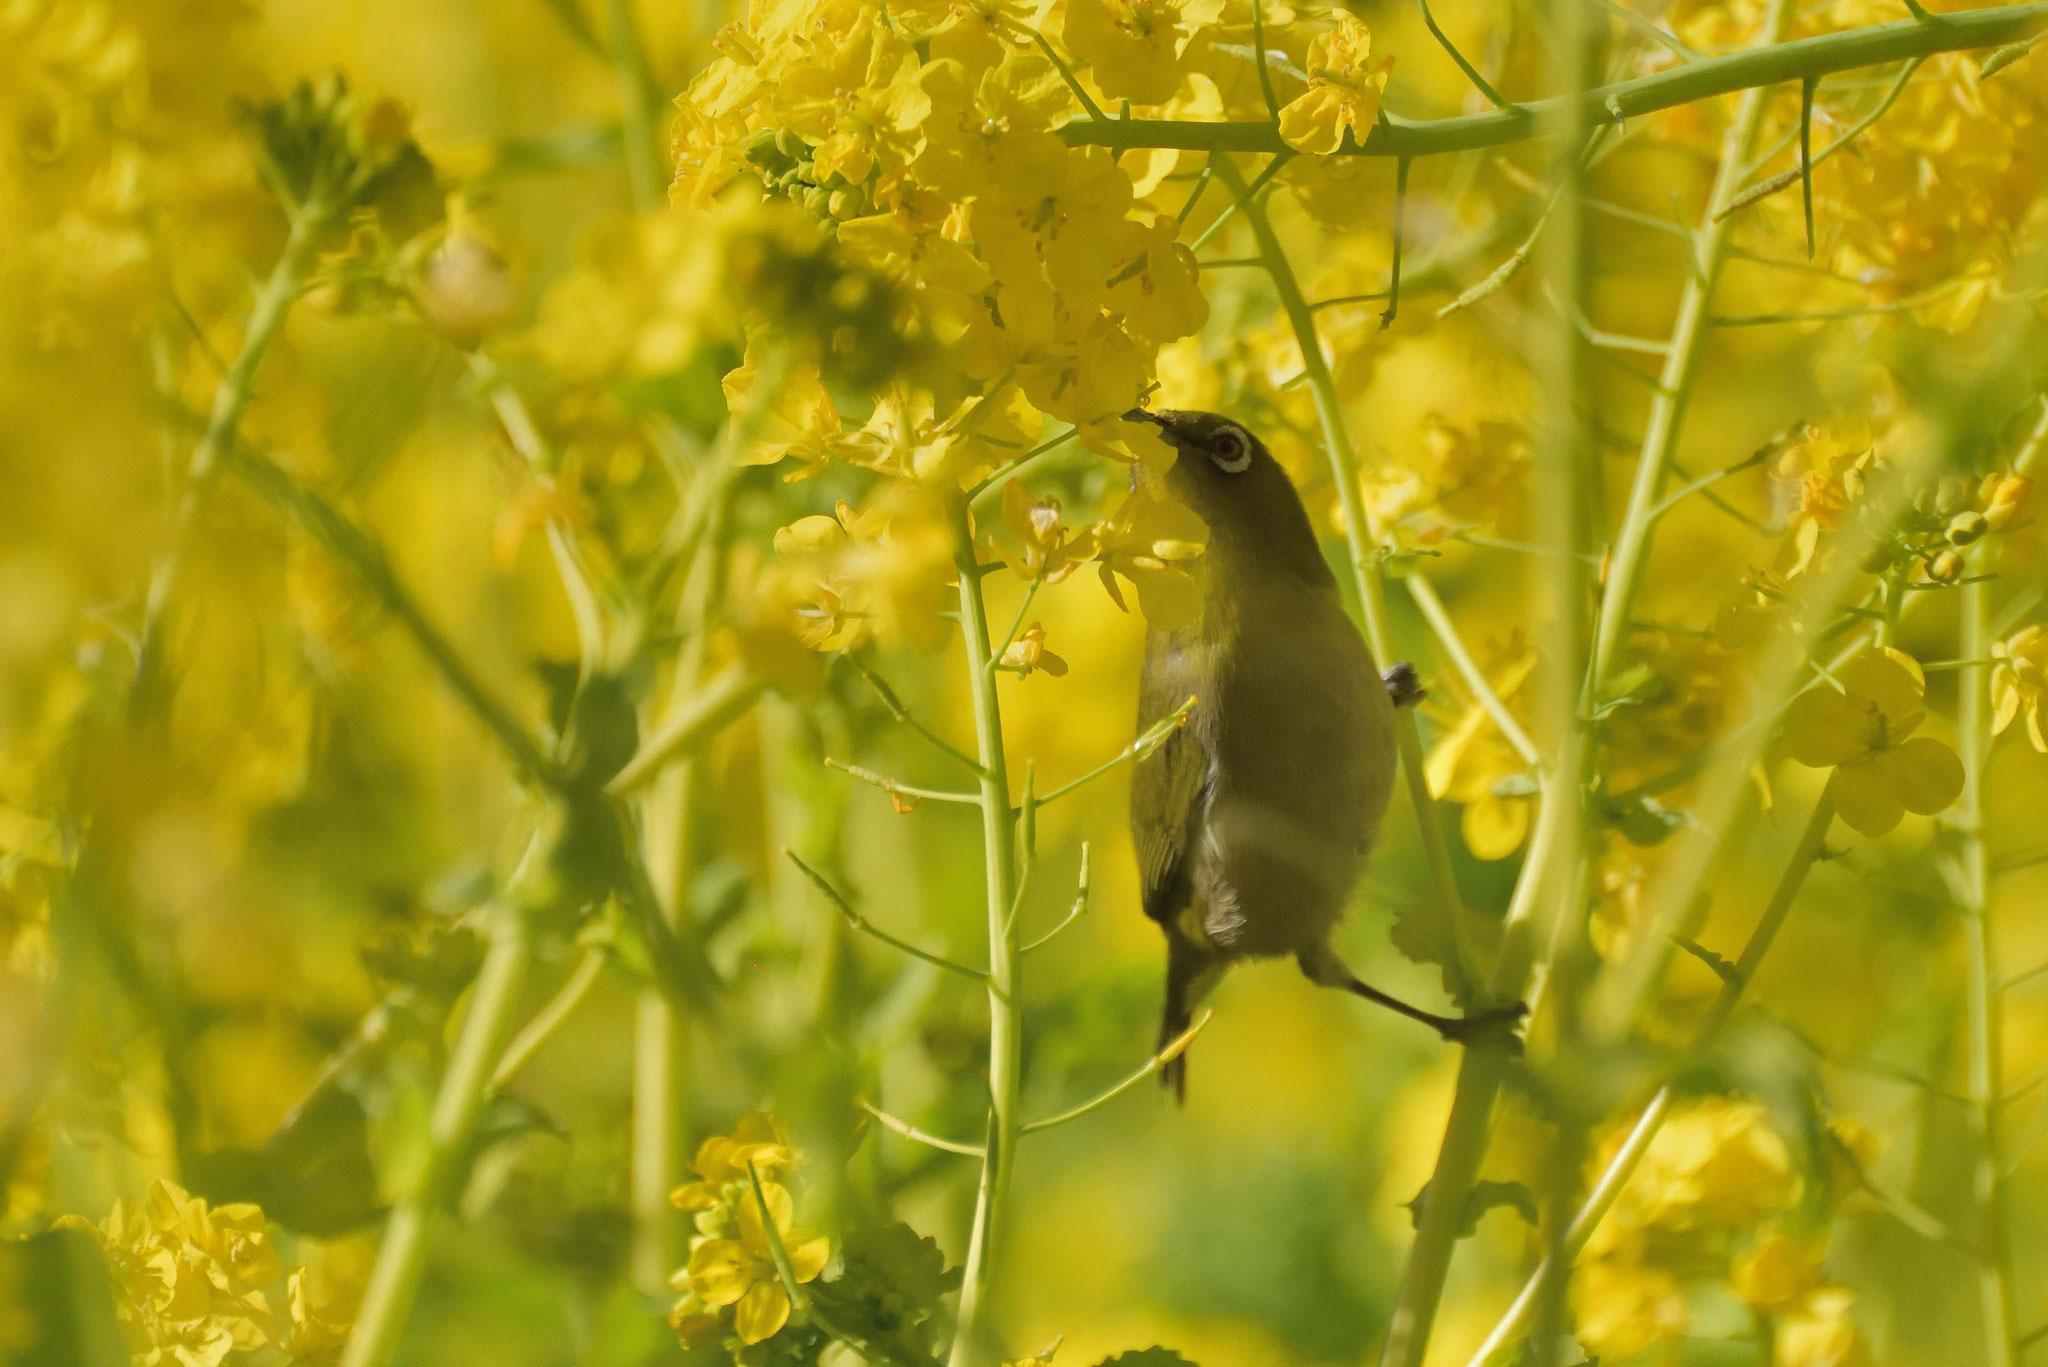 浜離宮の菜の花の蜜をちゅうちゅうちゅう